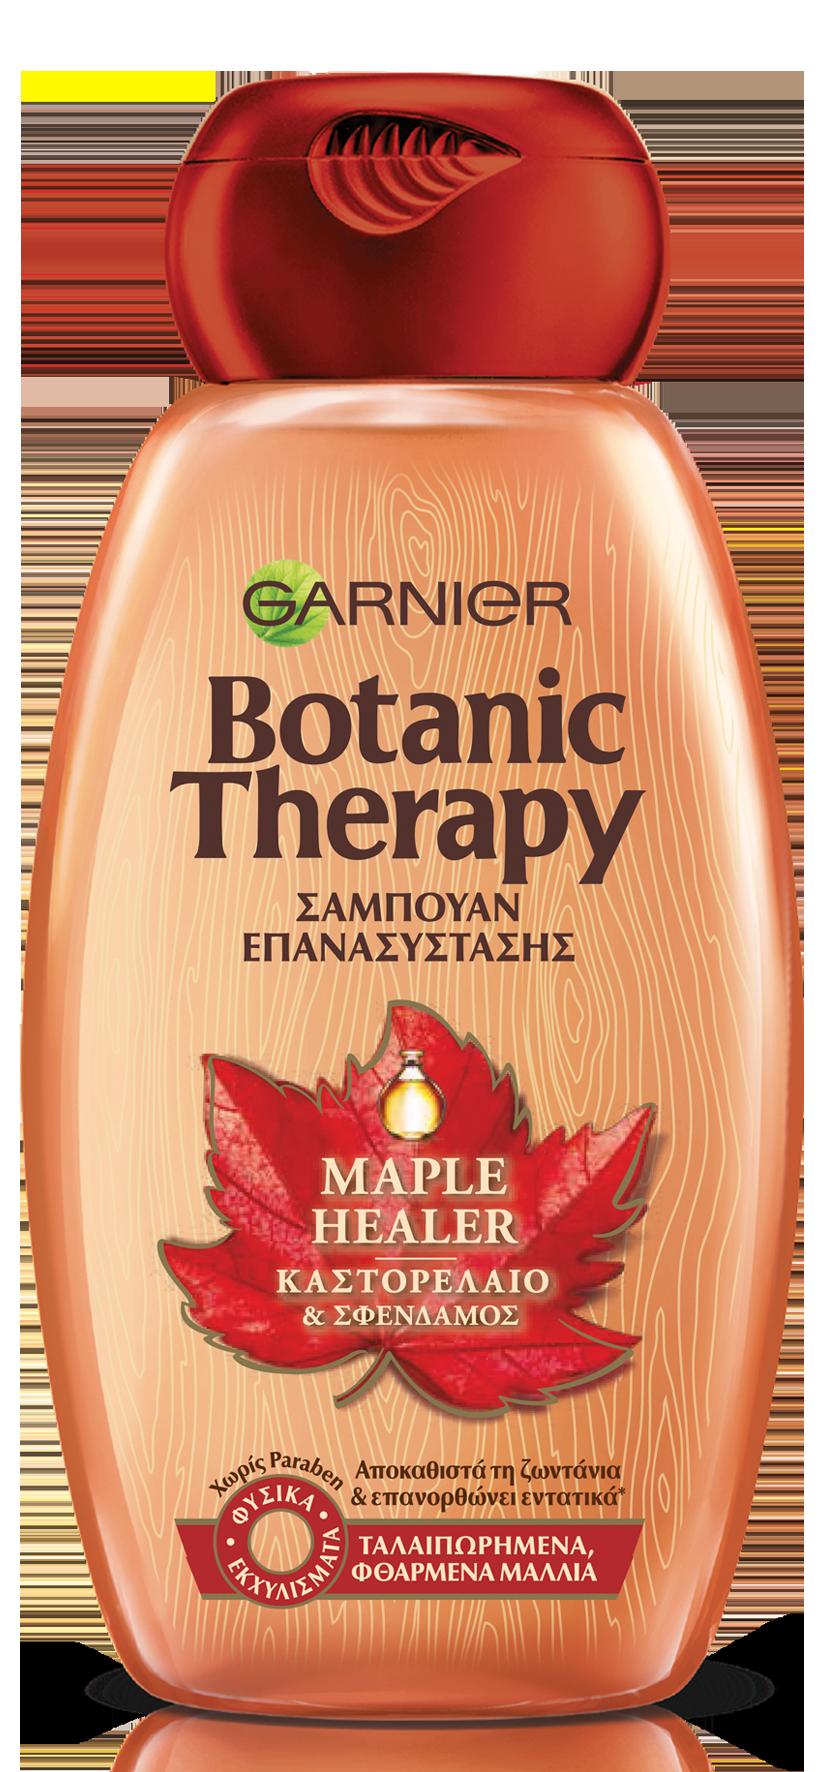 Σαμπουάν Επανασύστασης Maple Healer Botanic Therapy Garnier (2x400ml) 1+1 Δώρο